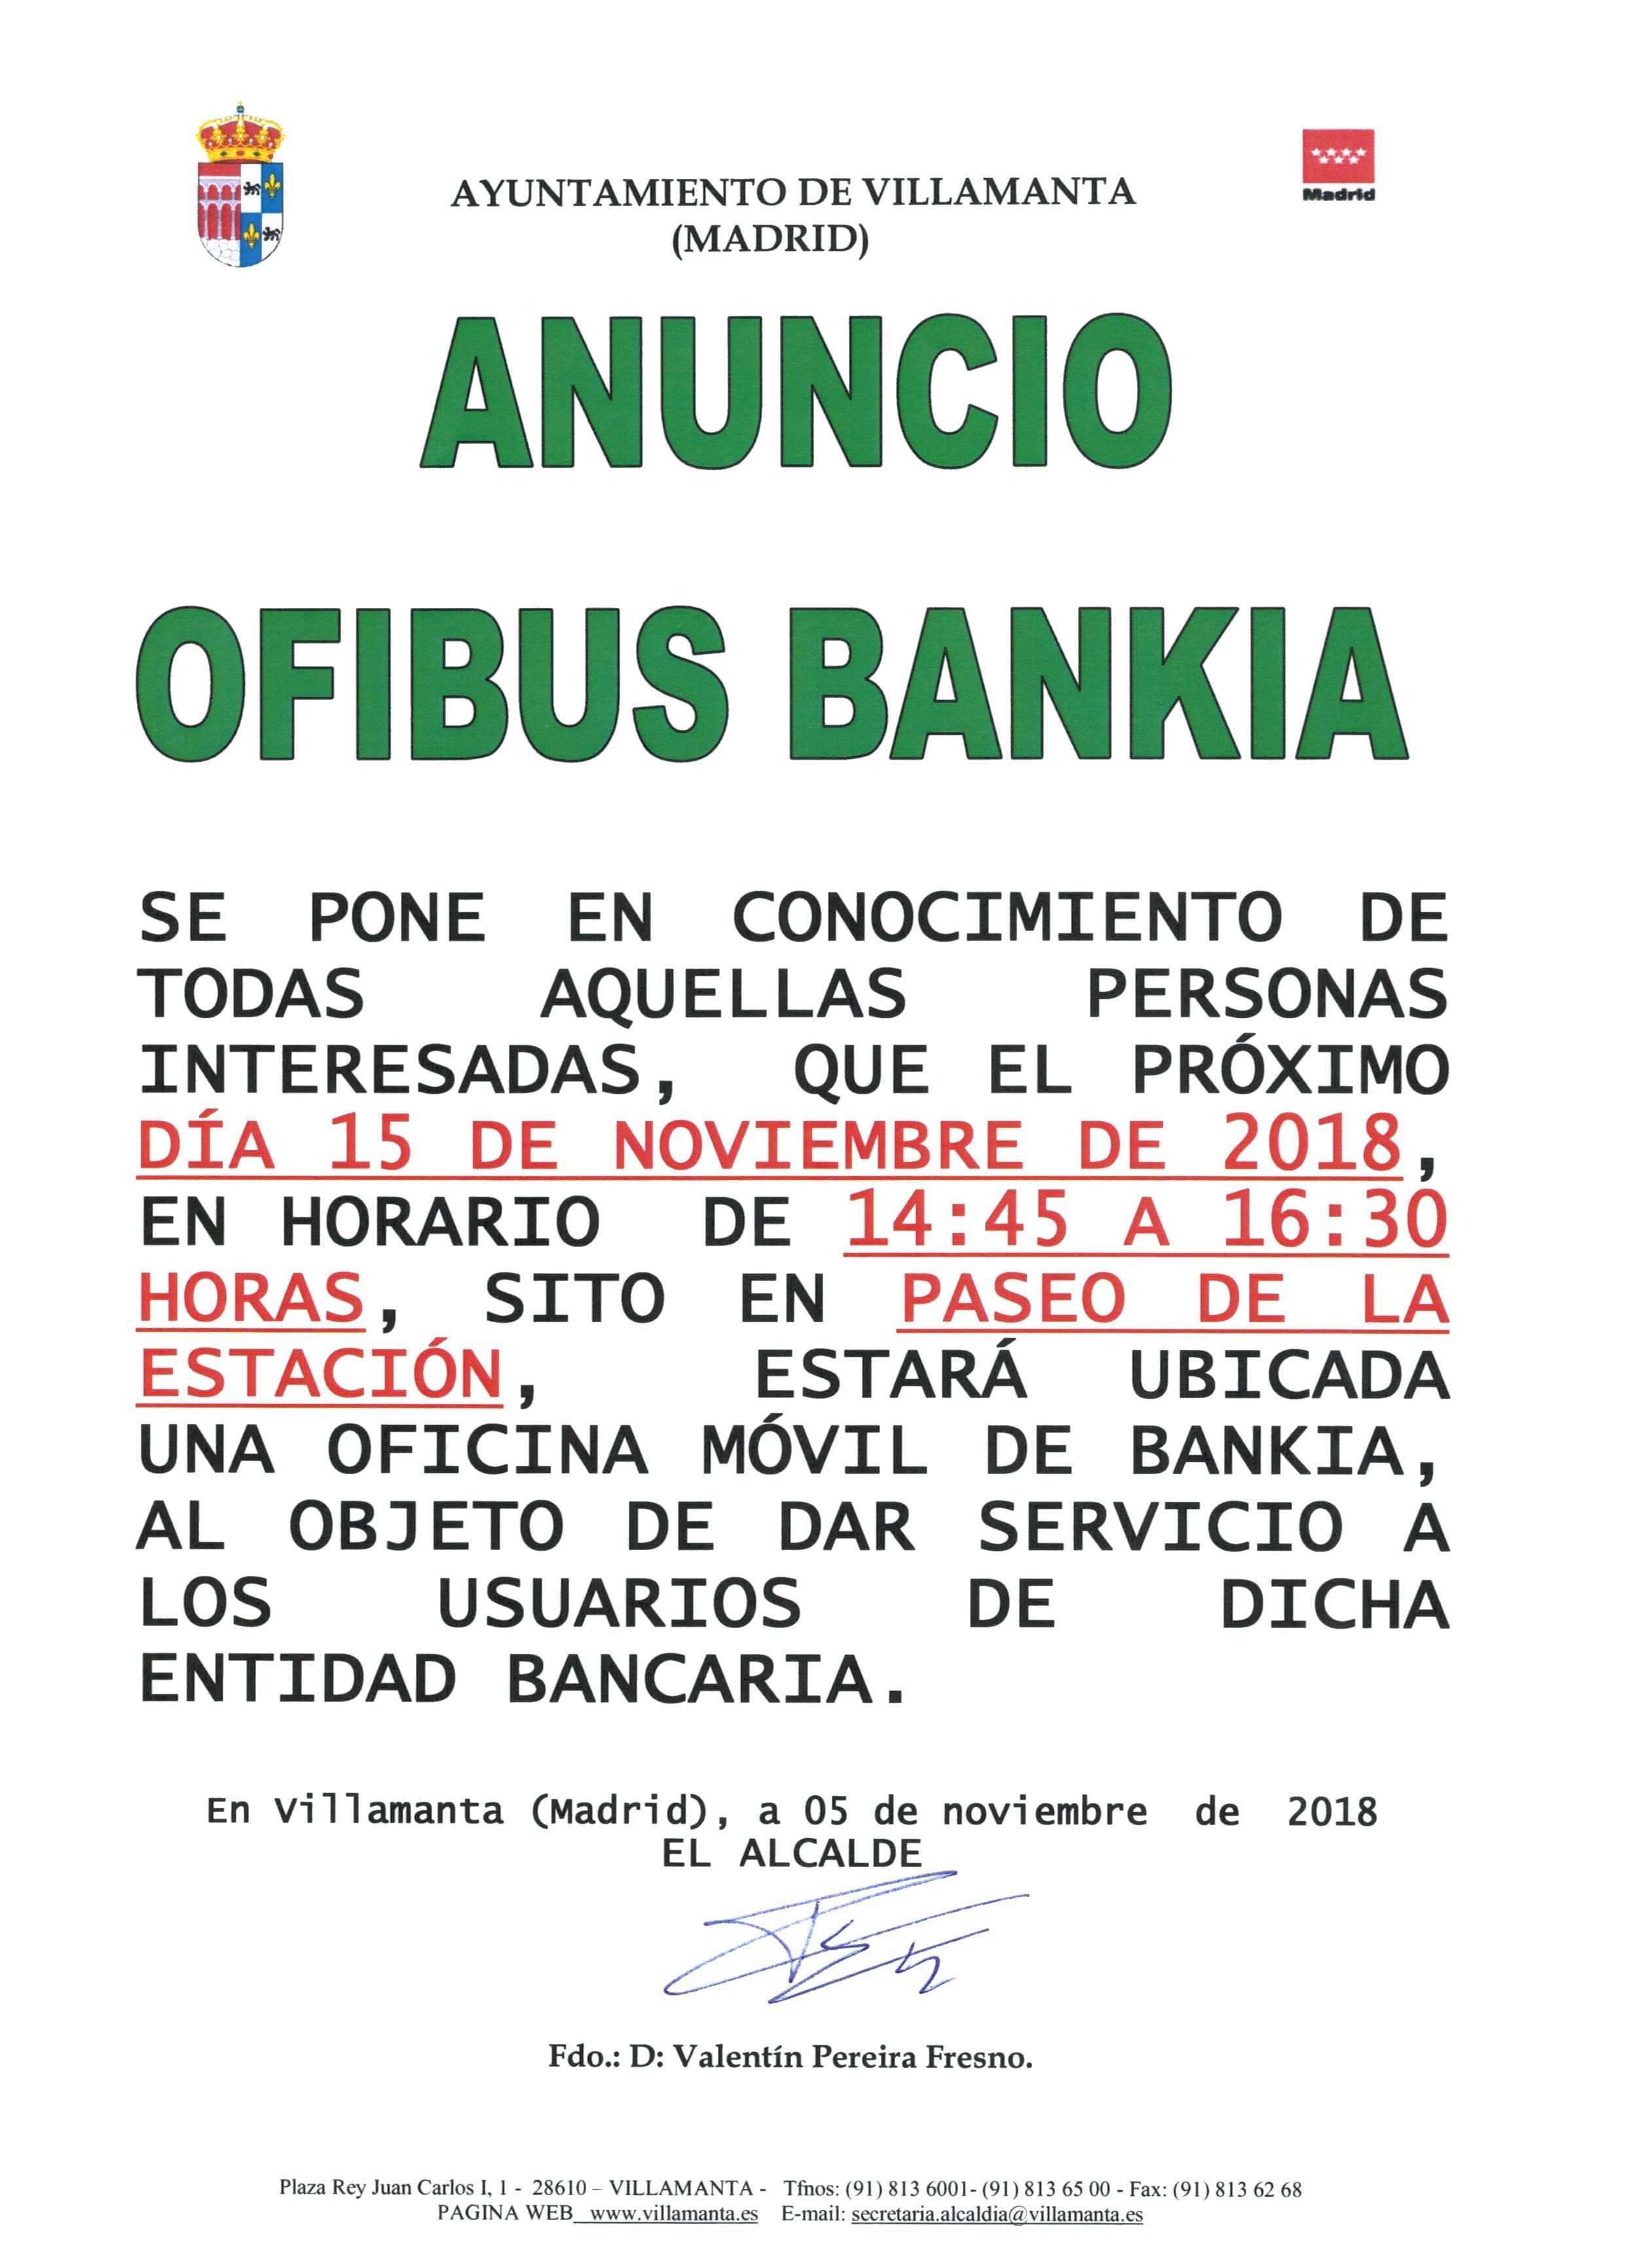 15 11 2018 oficina m vil de bankia ayuntamiento de villamanta - Bankia oficina movil ...